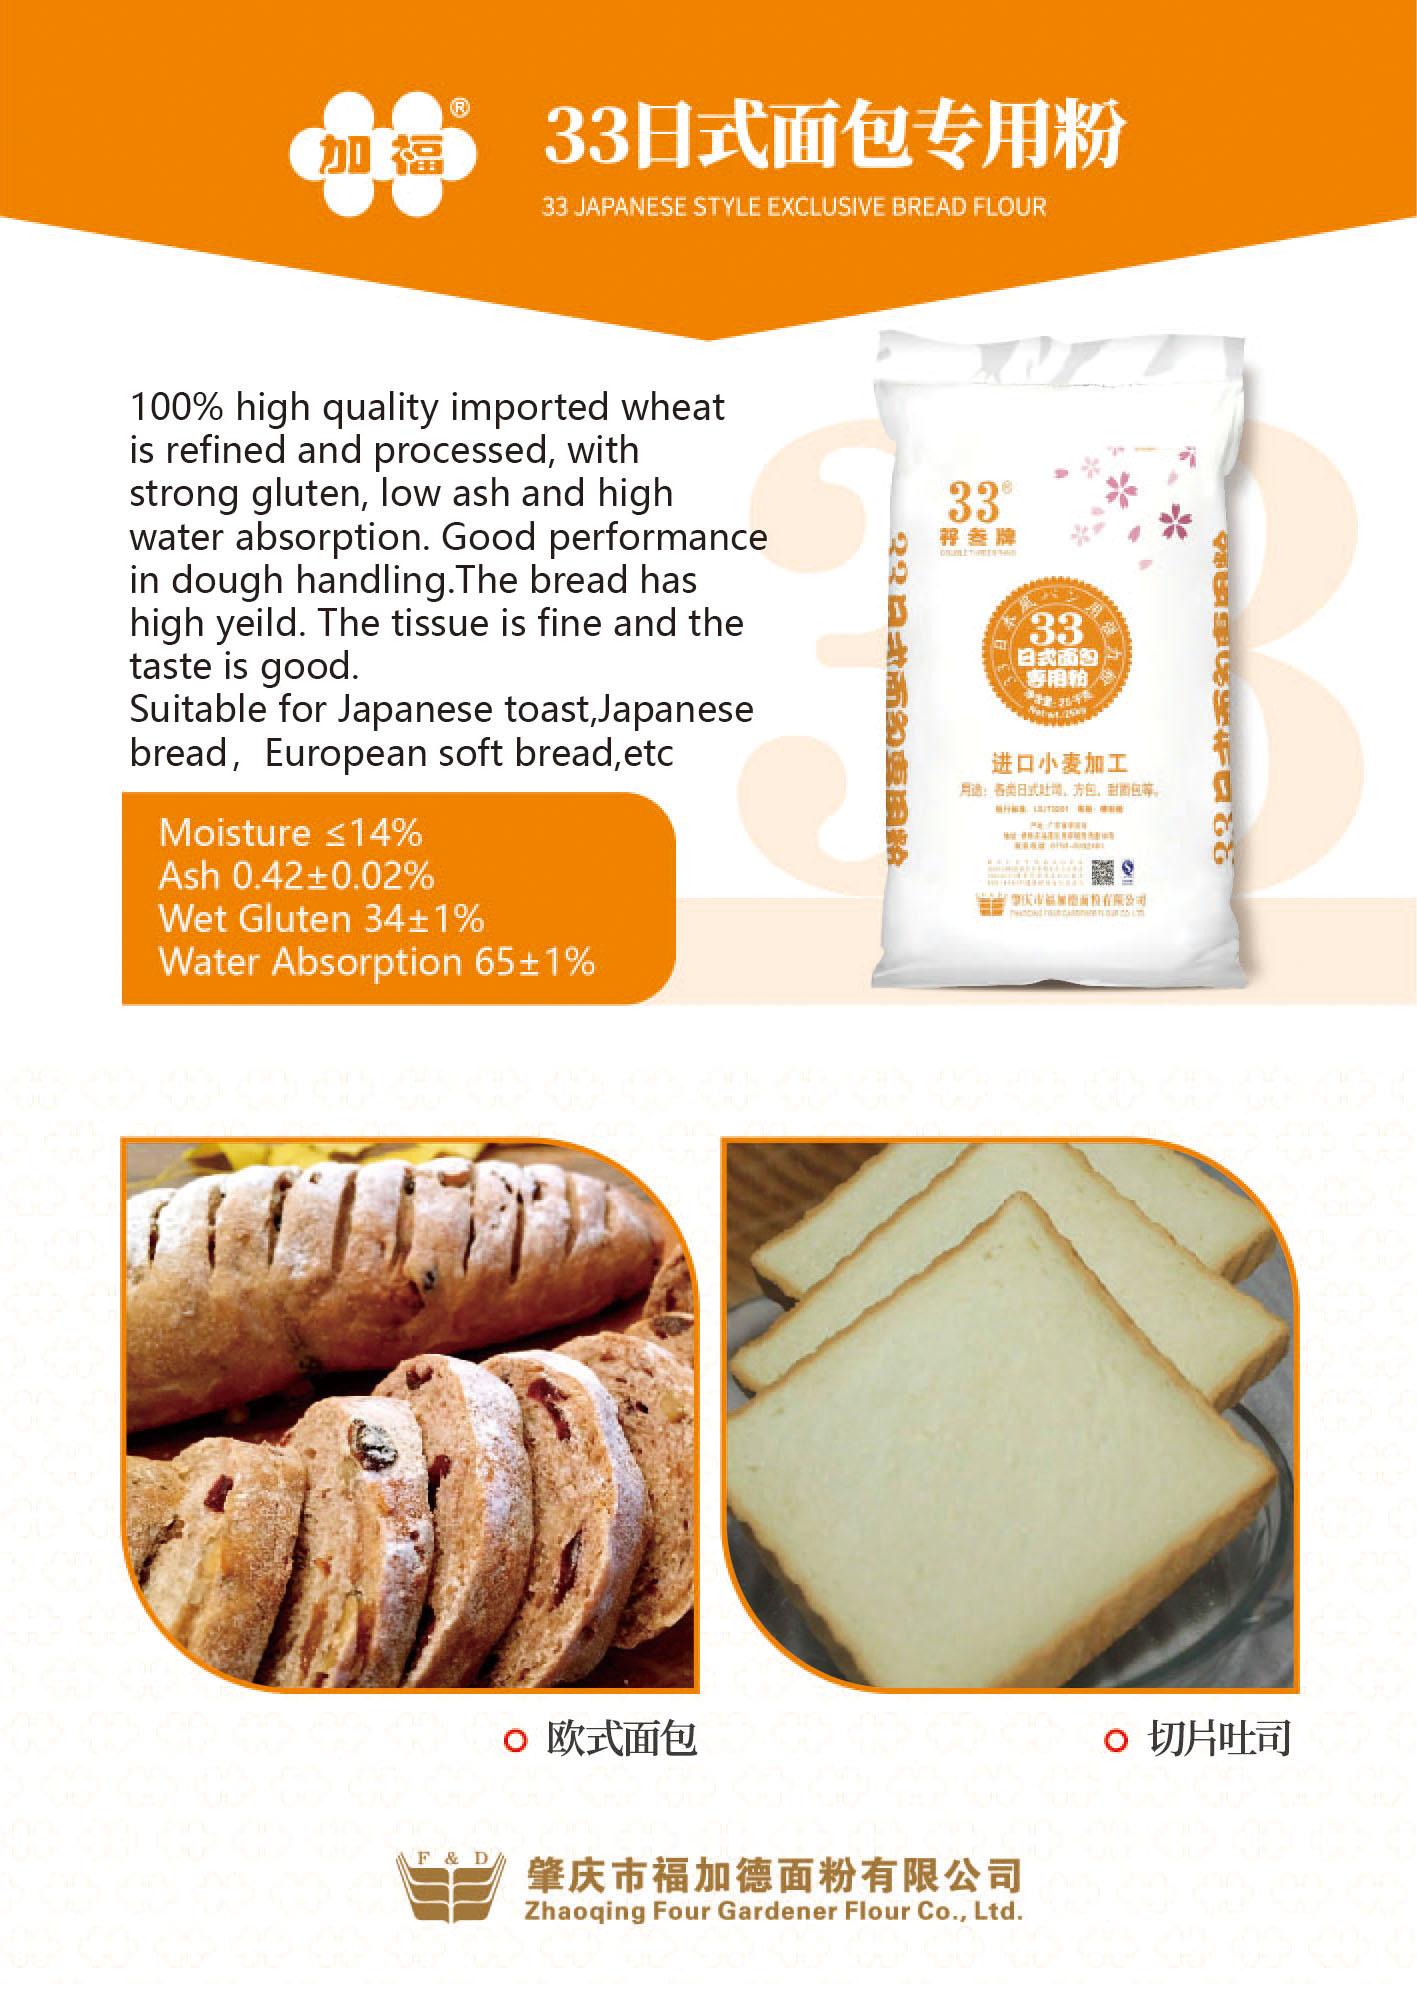 33日式面包专用粉-英文